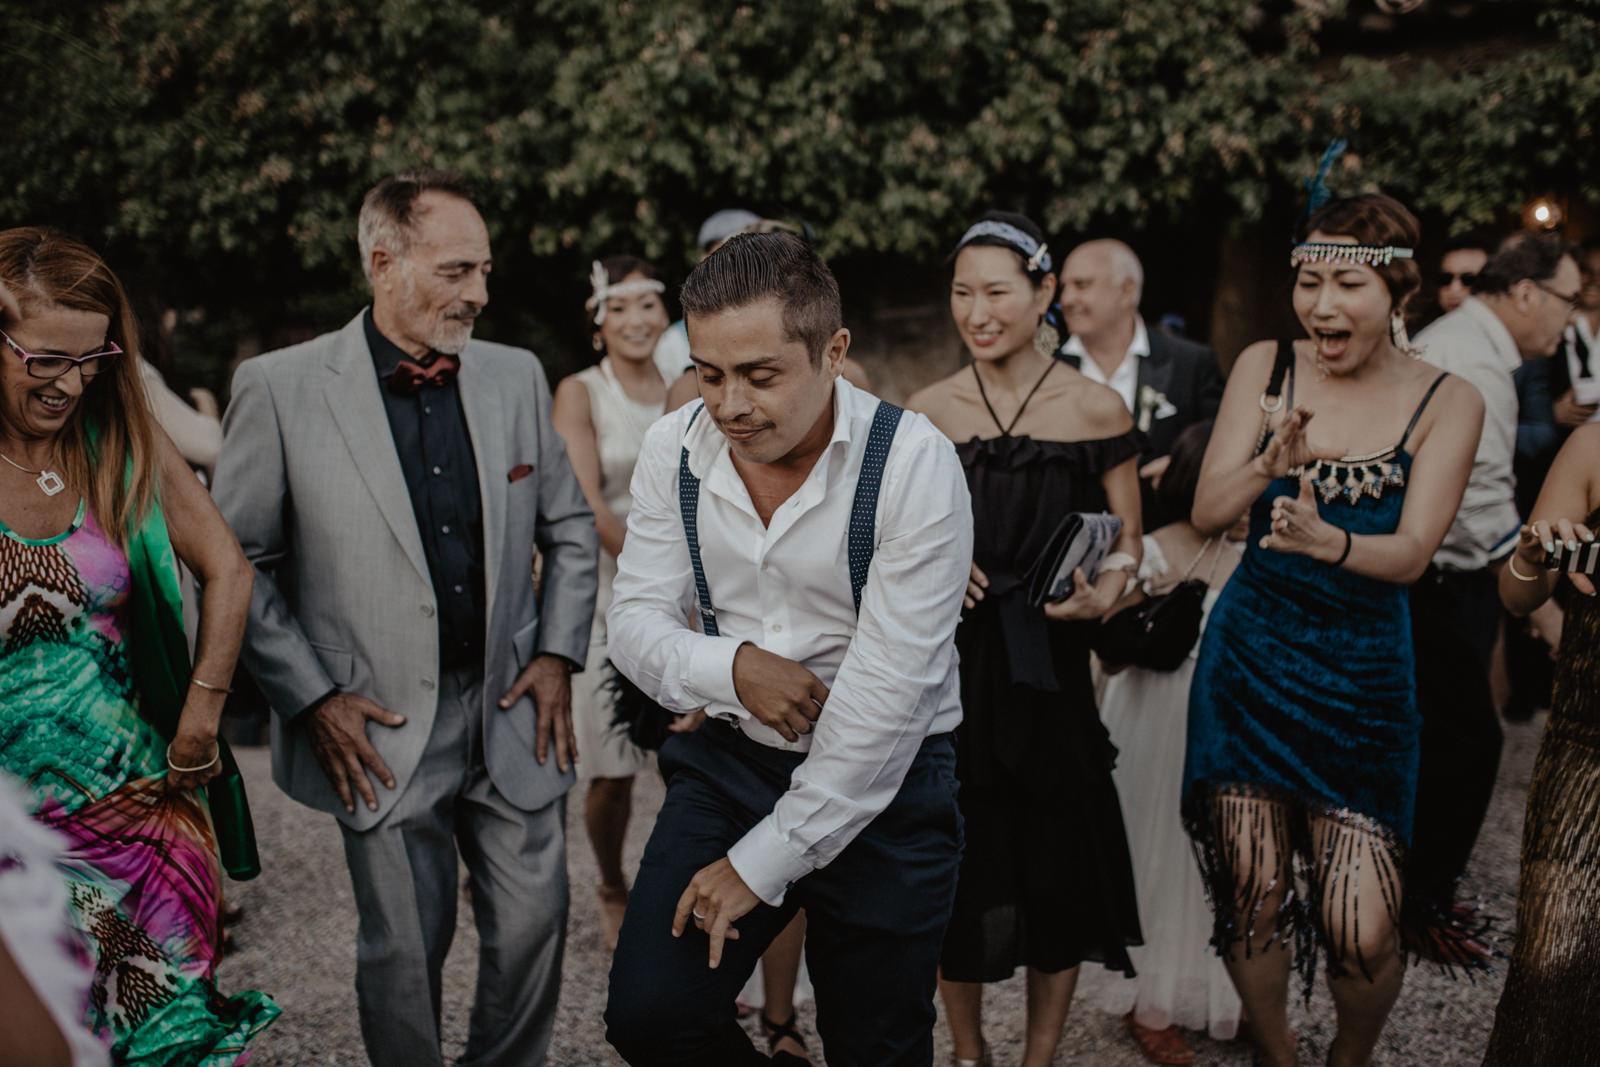 thenortherngirlphotography_photography_thenortherngirl_rebeccascabros_wedding_weddingphotography_weddingphotographer_barcelona_bodaenlabaronia_labaronia_japanesewedding_destinationwedding_shokoalbert-642.jpg